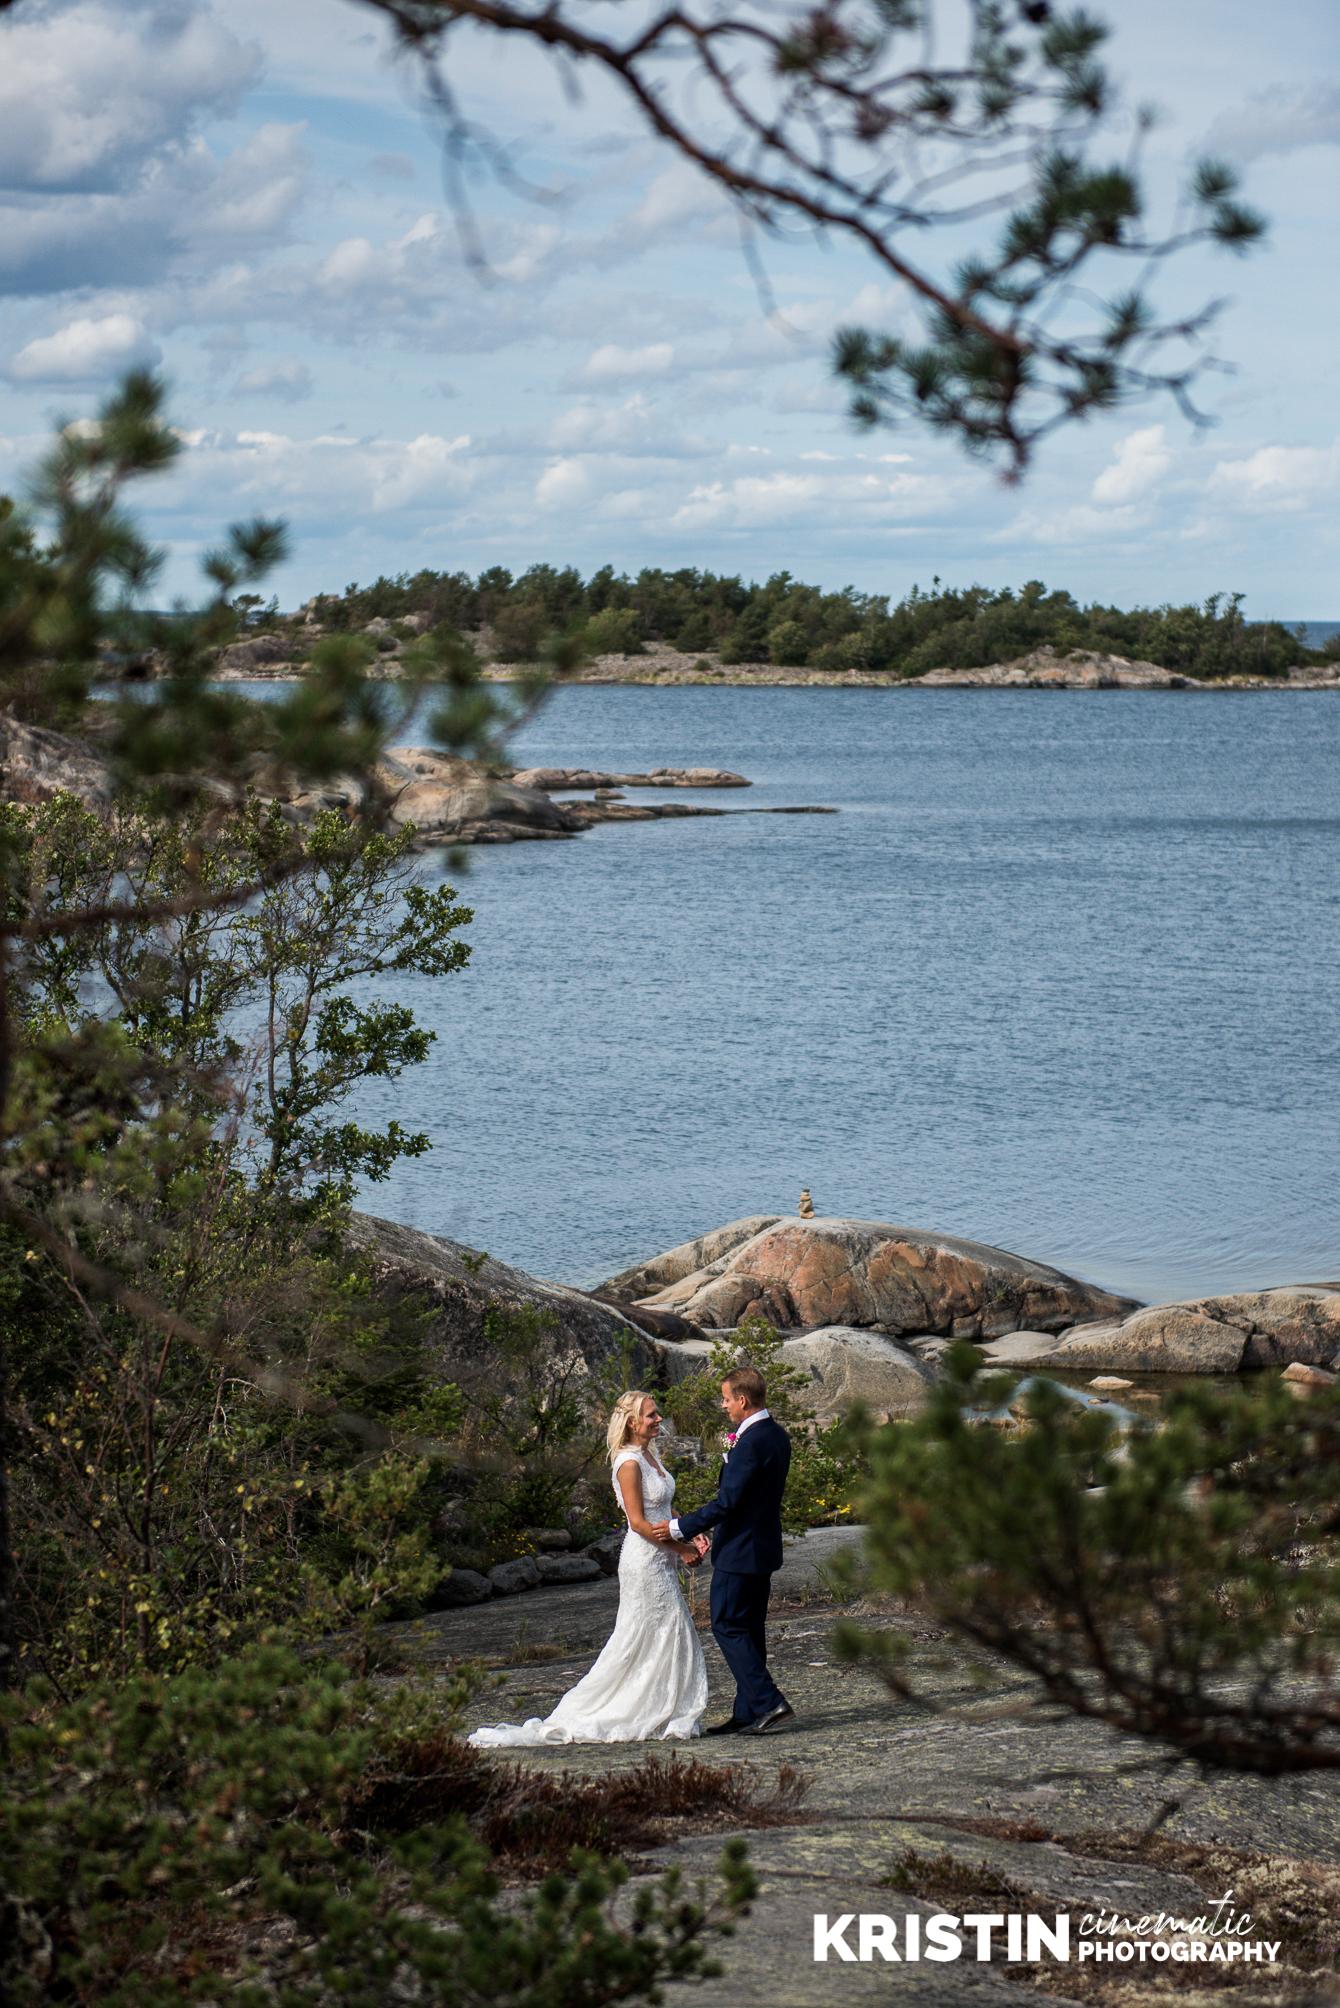 Bröllopsfotograf i Eskilstuna Kristin - Photography-18.jpg